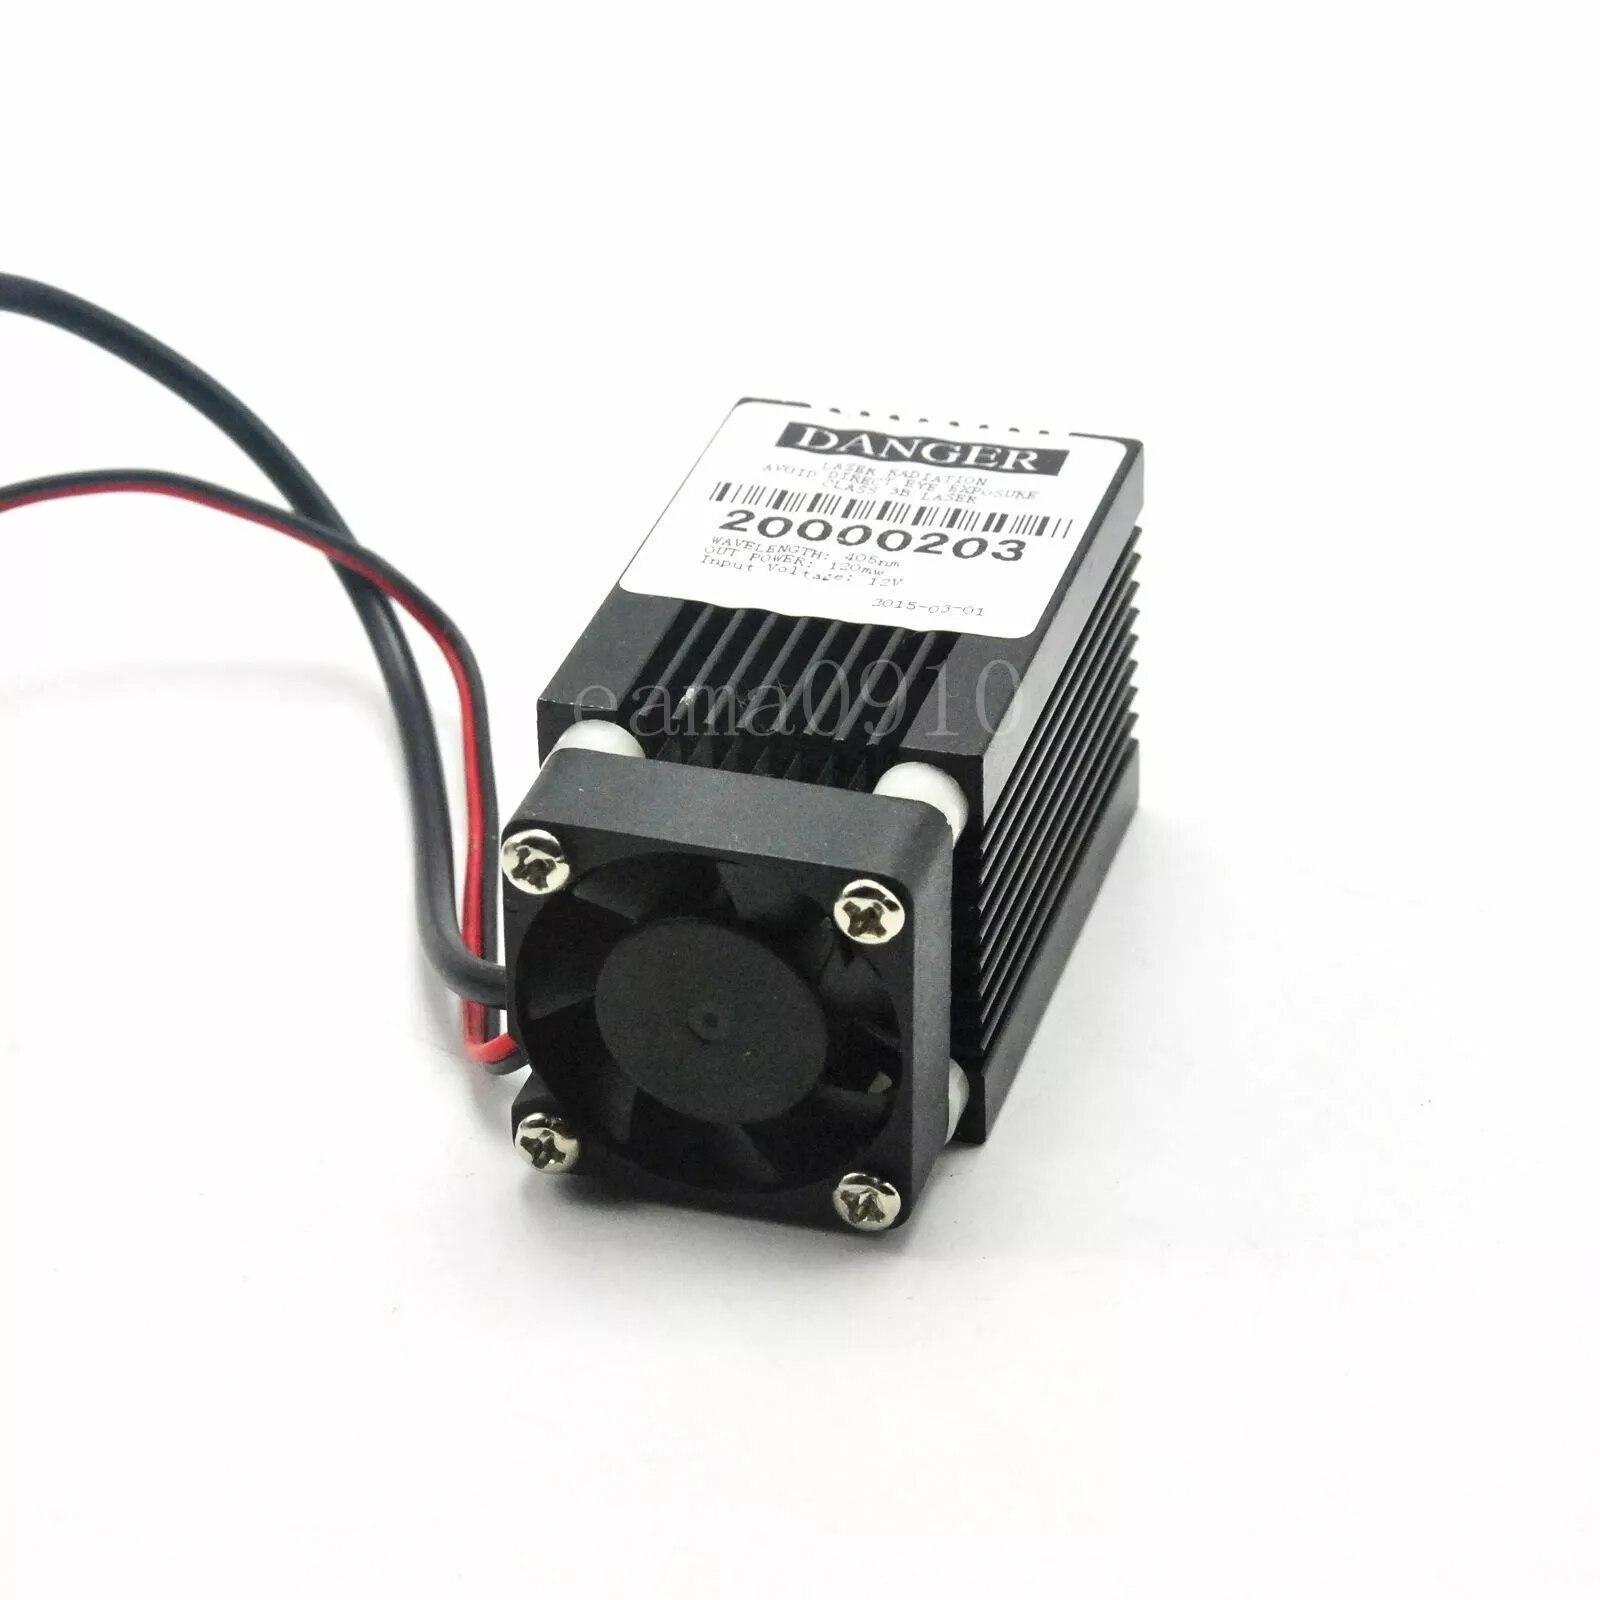 Красный лазер свет 650 нм 150 мВт линия луч лазер модуль ш 5 В адаптер 3350